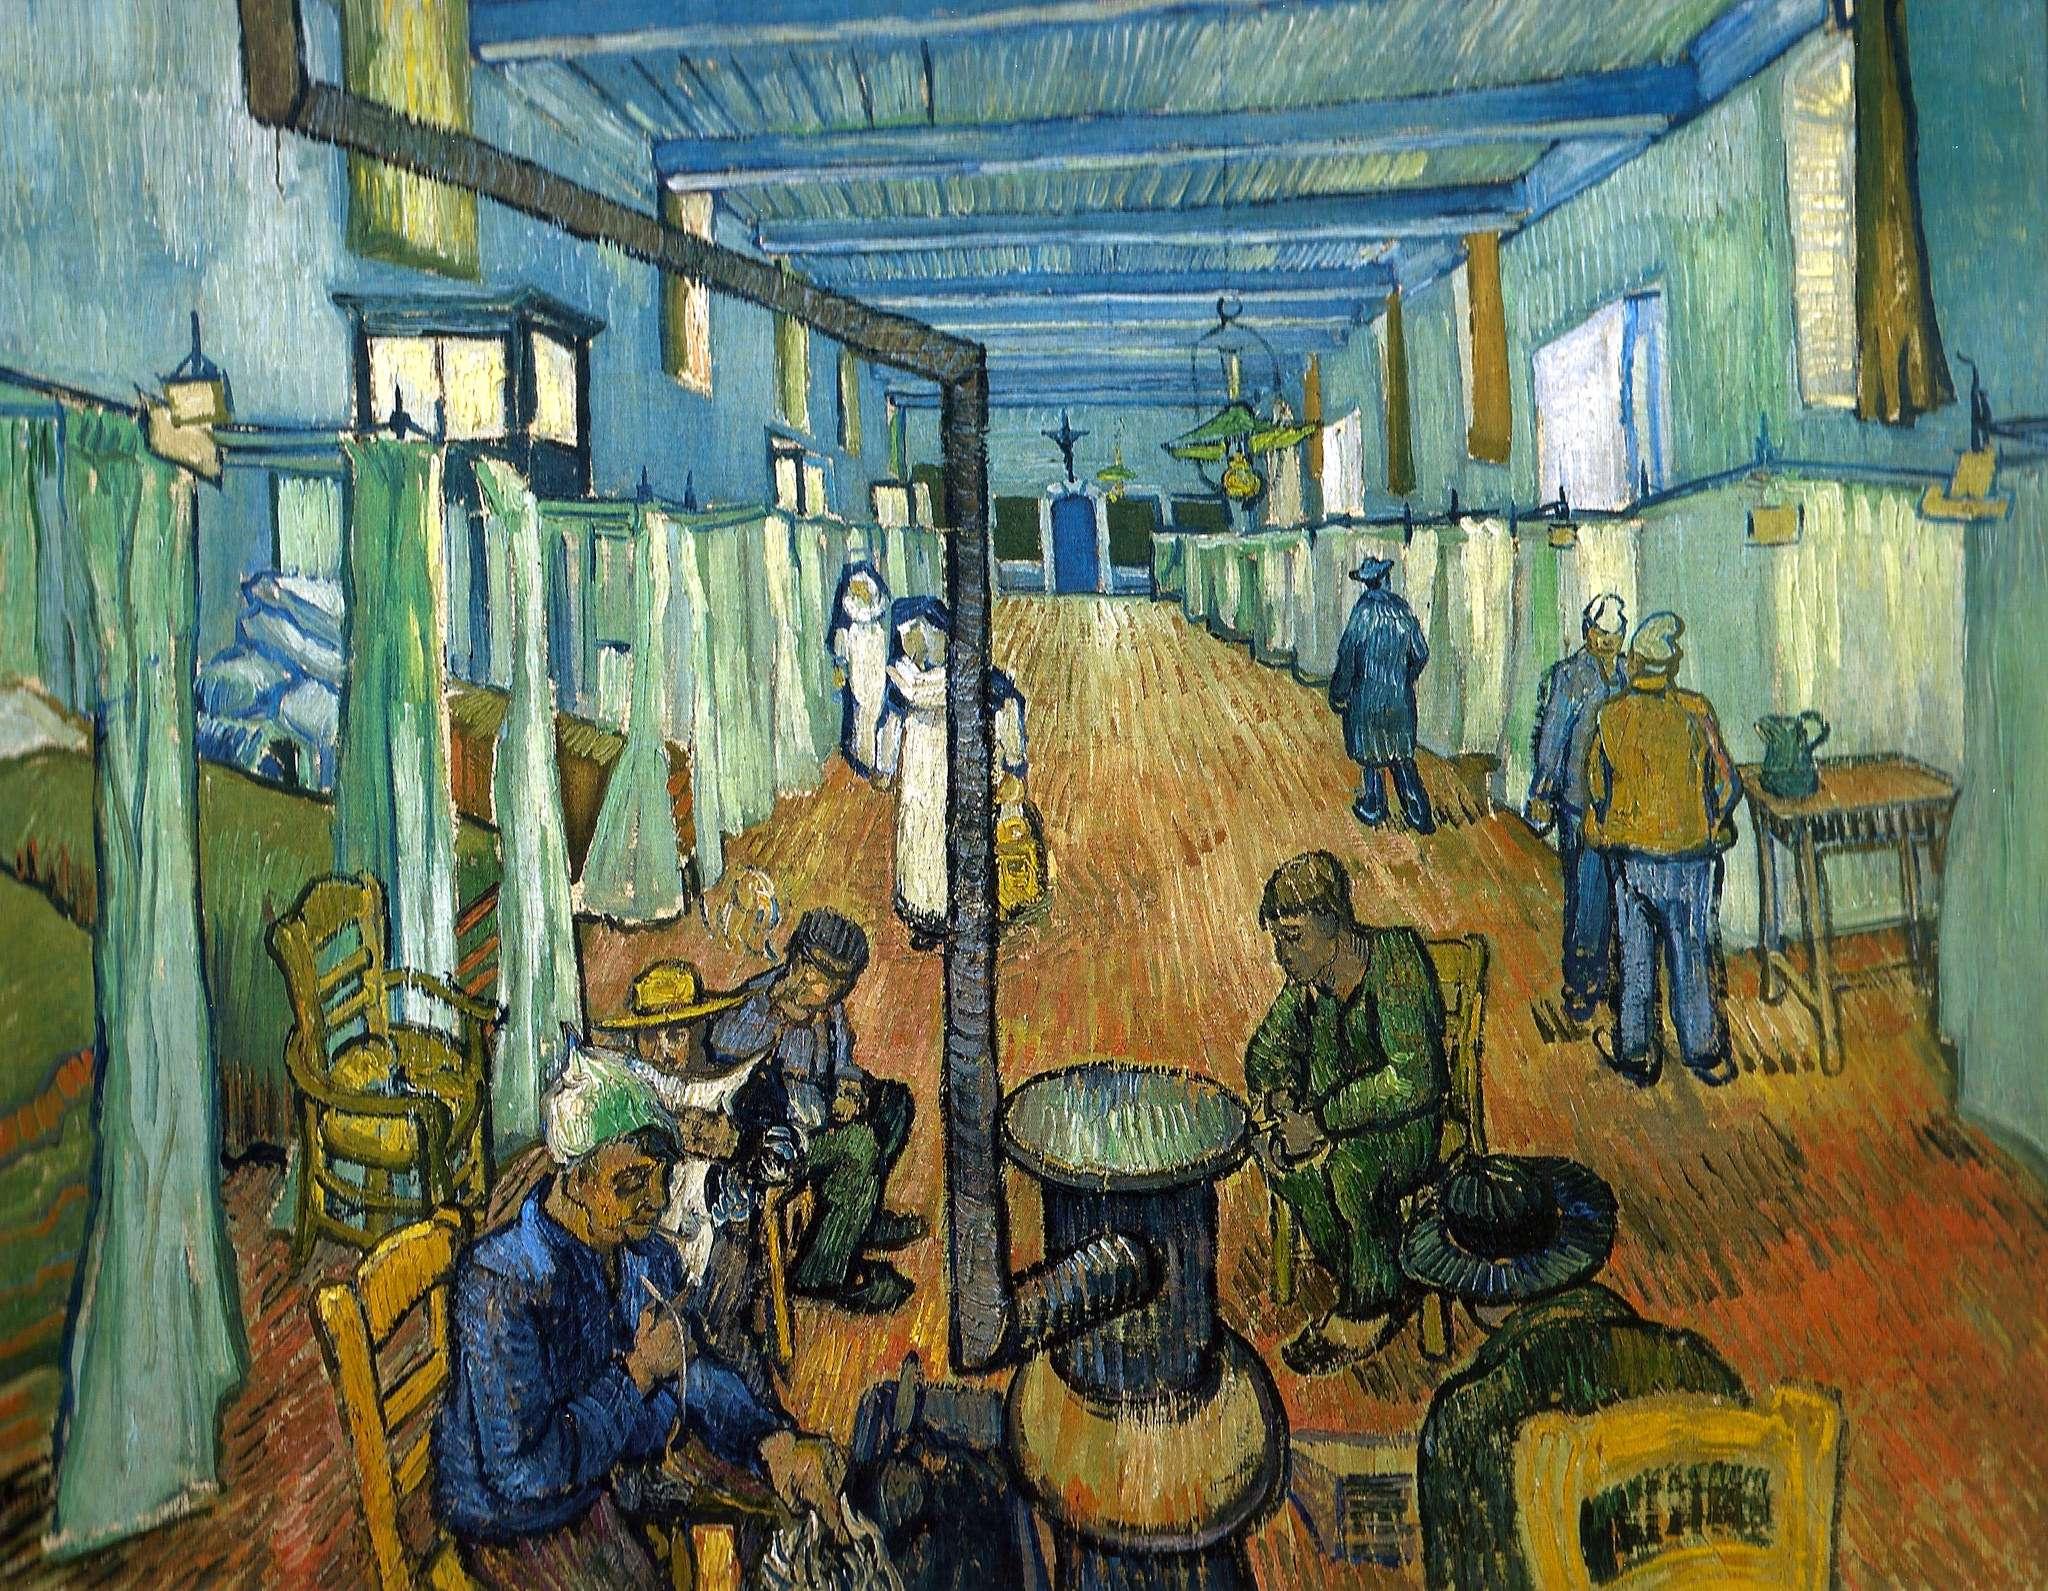 Θάλαμος του νοσοκομείου της Αρλ, 1889, Βίντερτουρ (Ελβετία), Sammlung Oskar Reinhart «Am Römerholz»